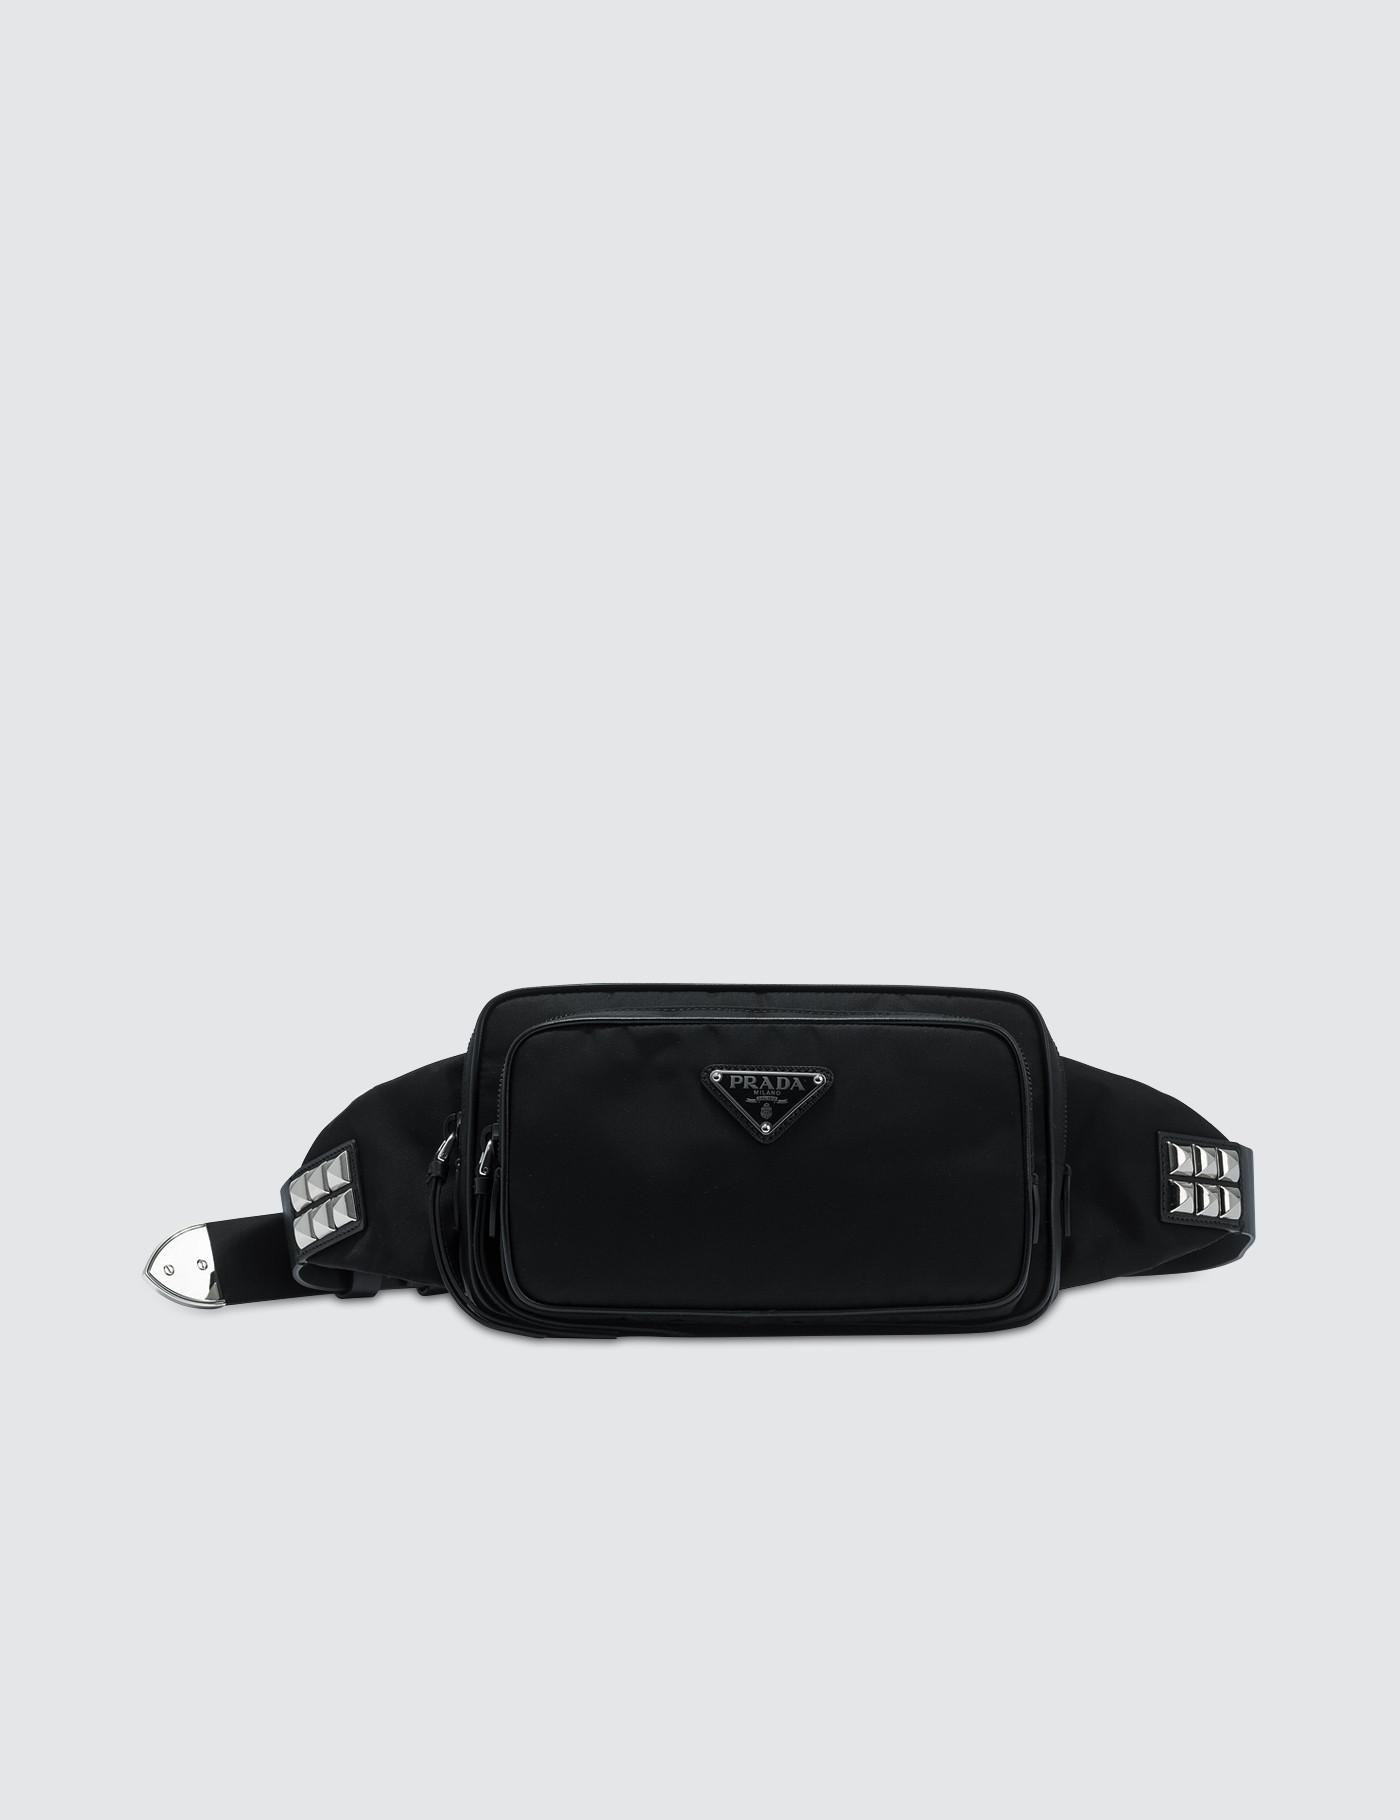 3c3503d8f994 Prada Nylon Studded Belt Bag in Black - Lyst